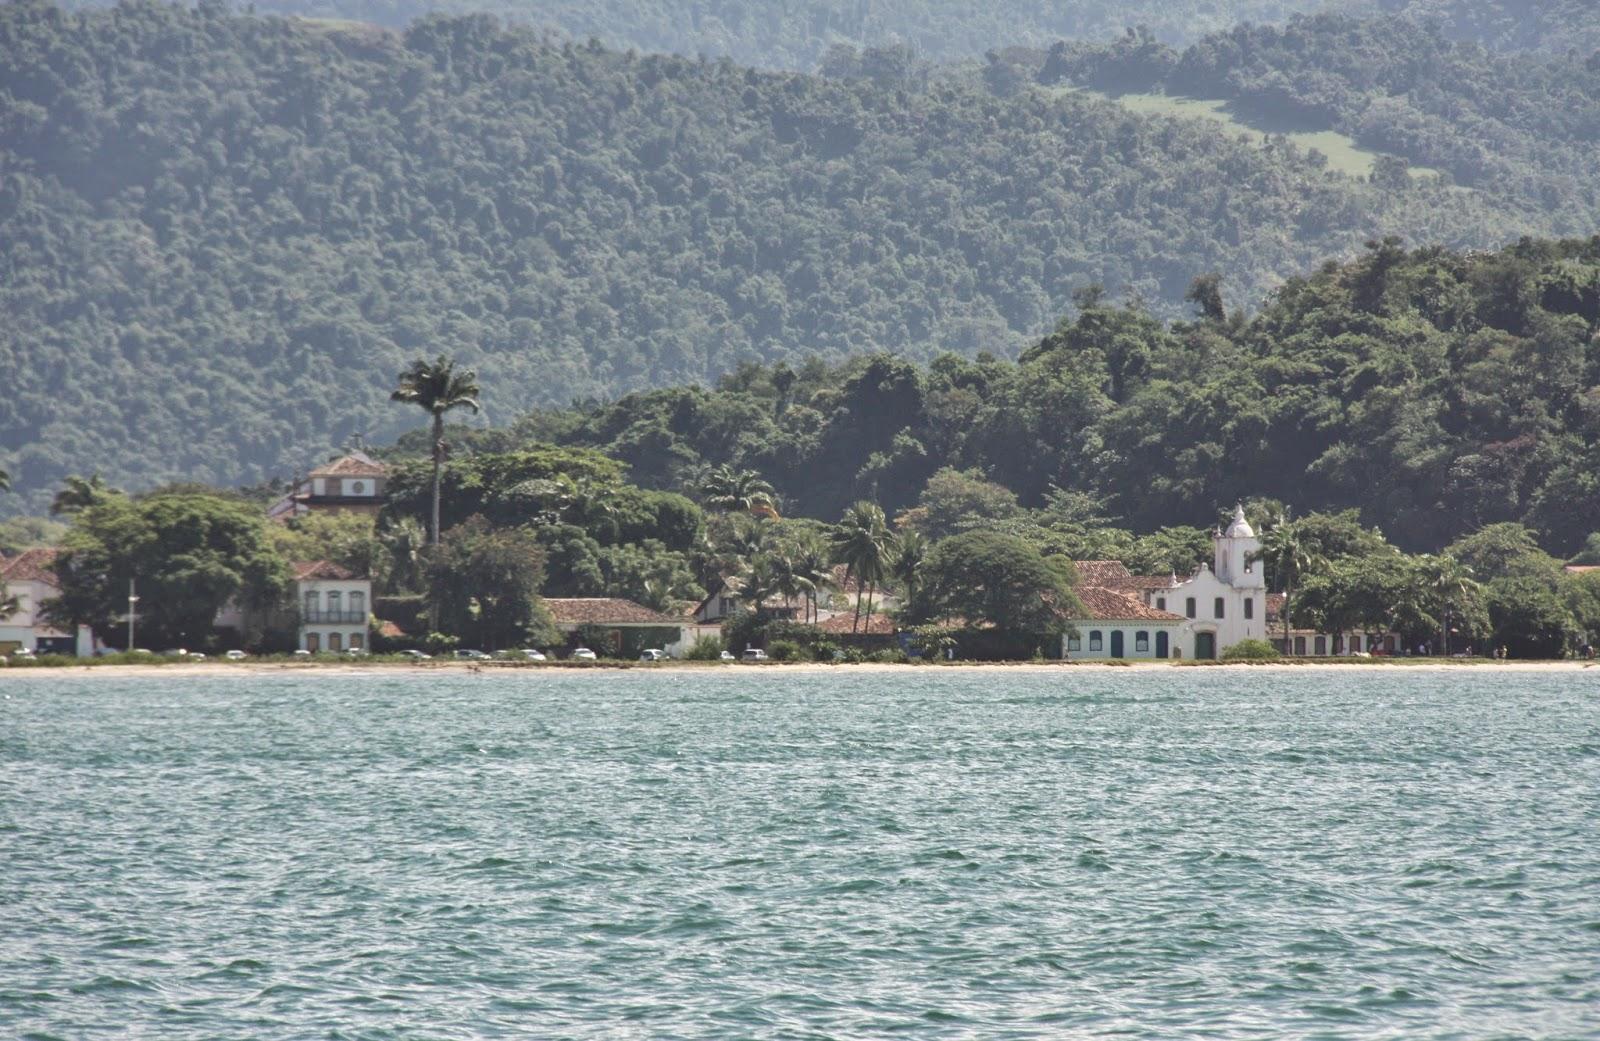 Igreja Nossa Senhora das Dores, em Paraty, vista do mar